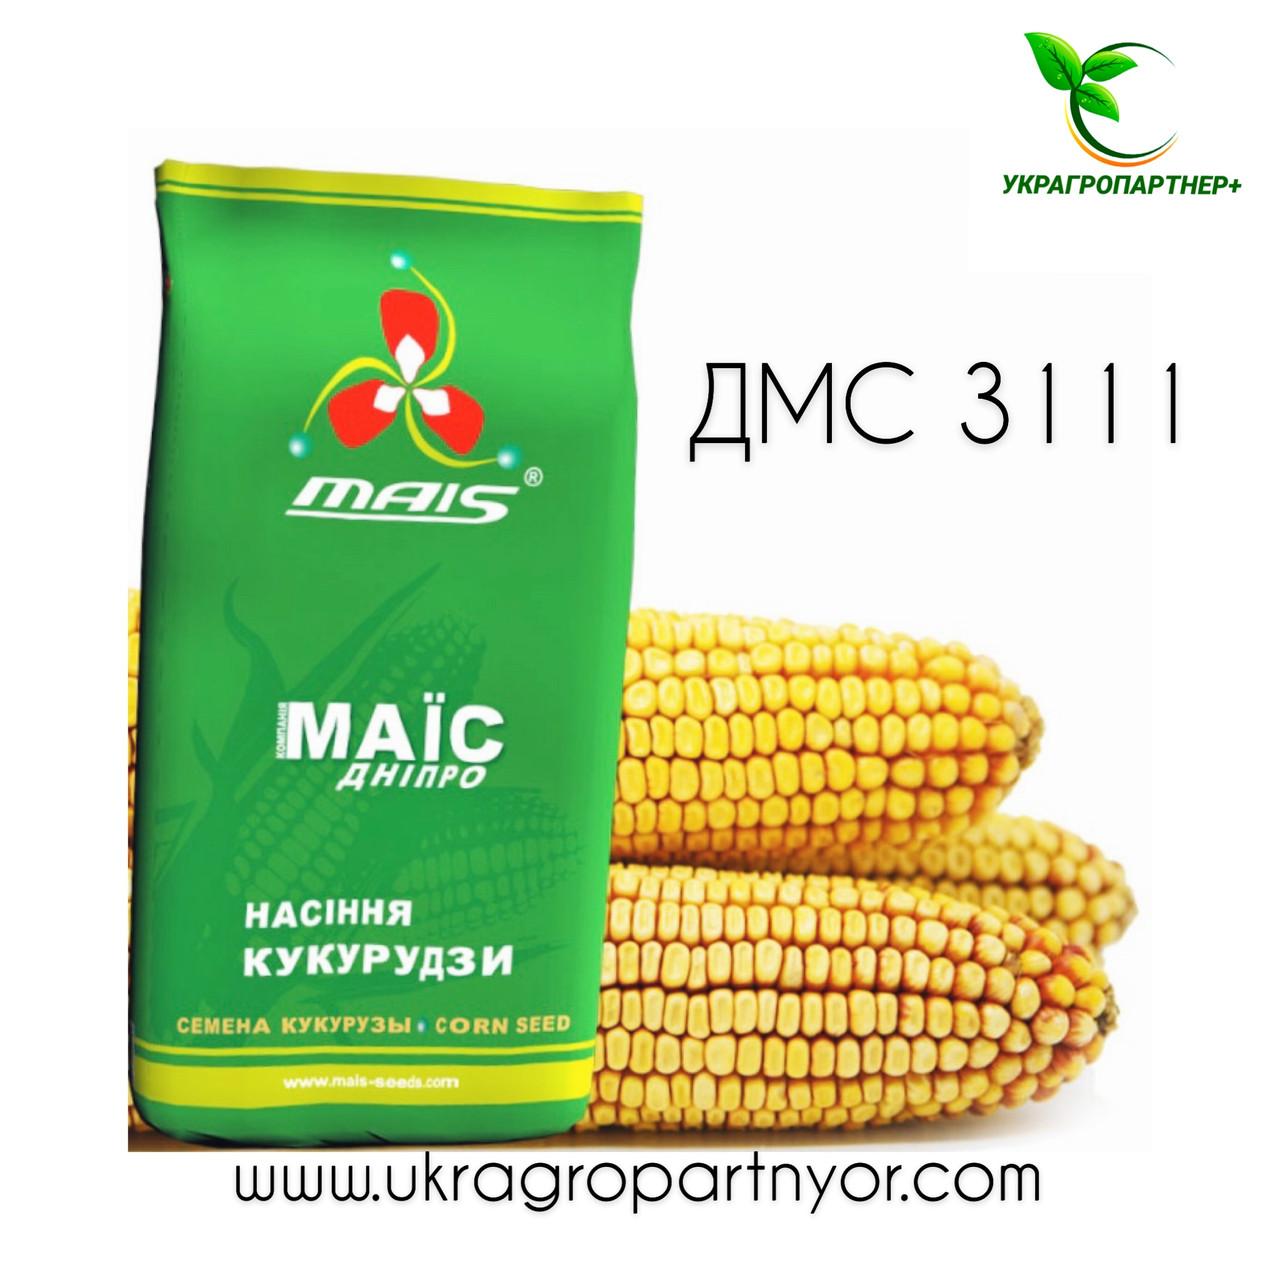 КУКУРУЗА ДМС 3111 (ФАО - 310) 2019 г.у. (МАИС Синельн)